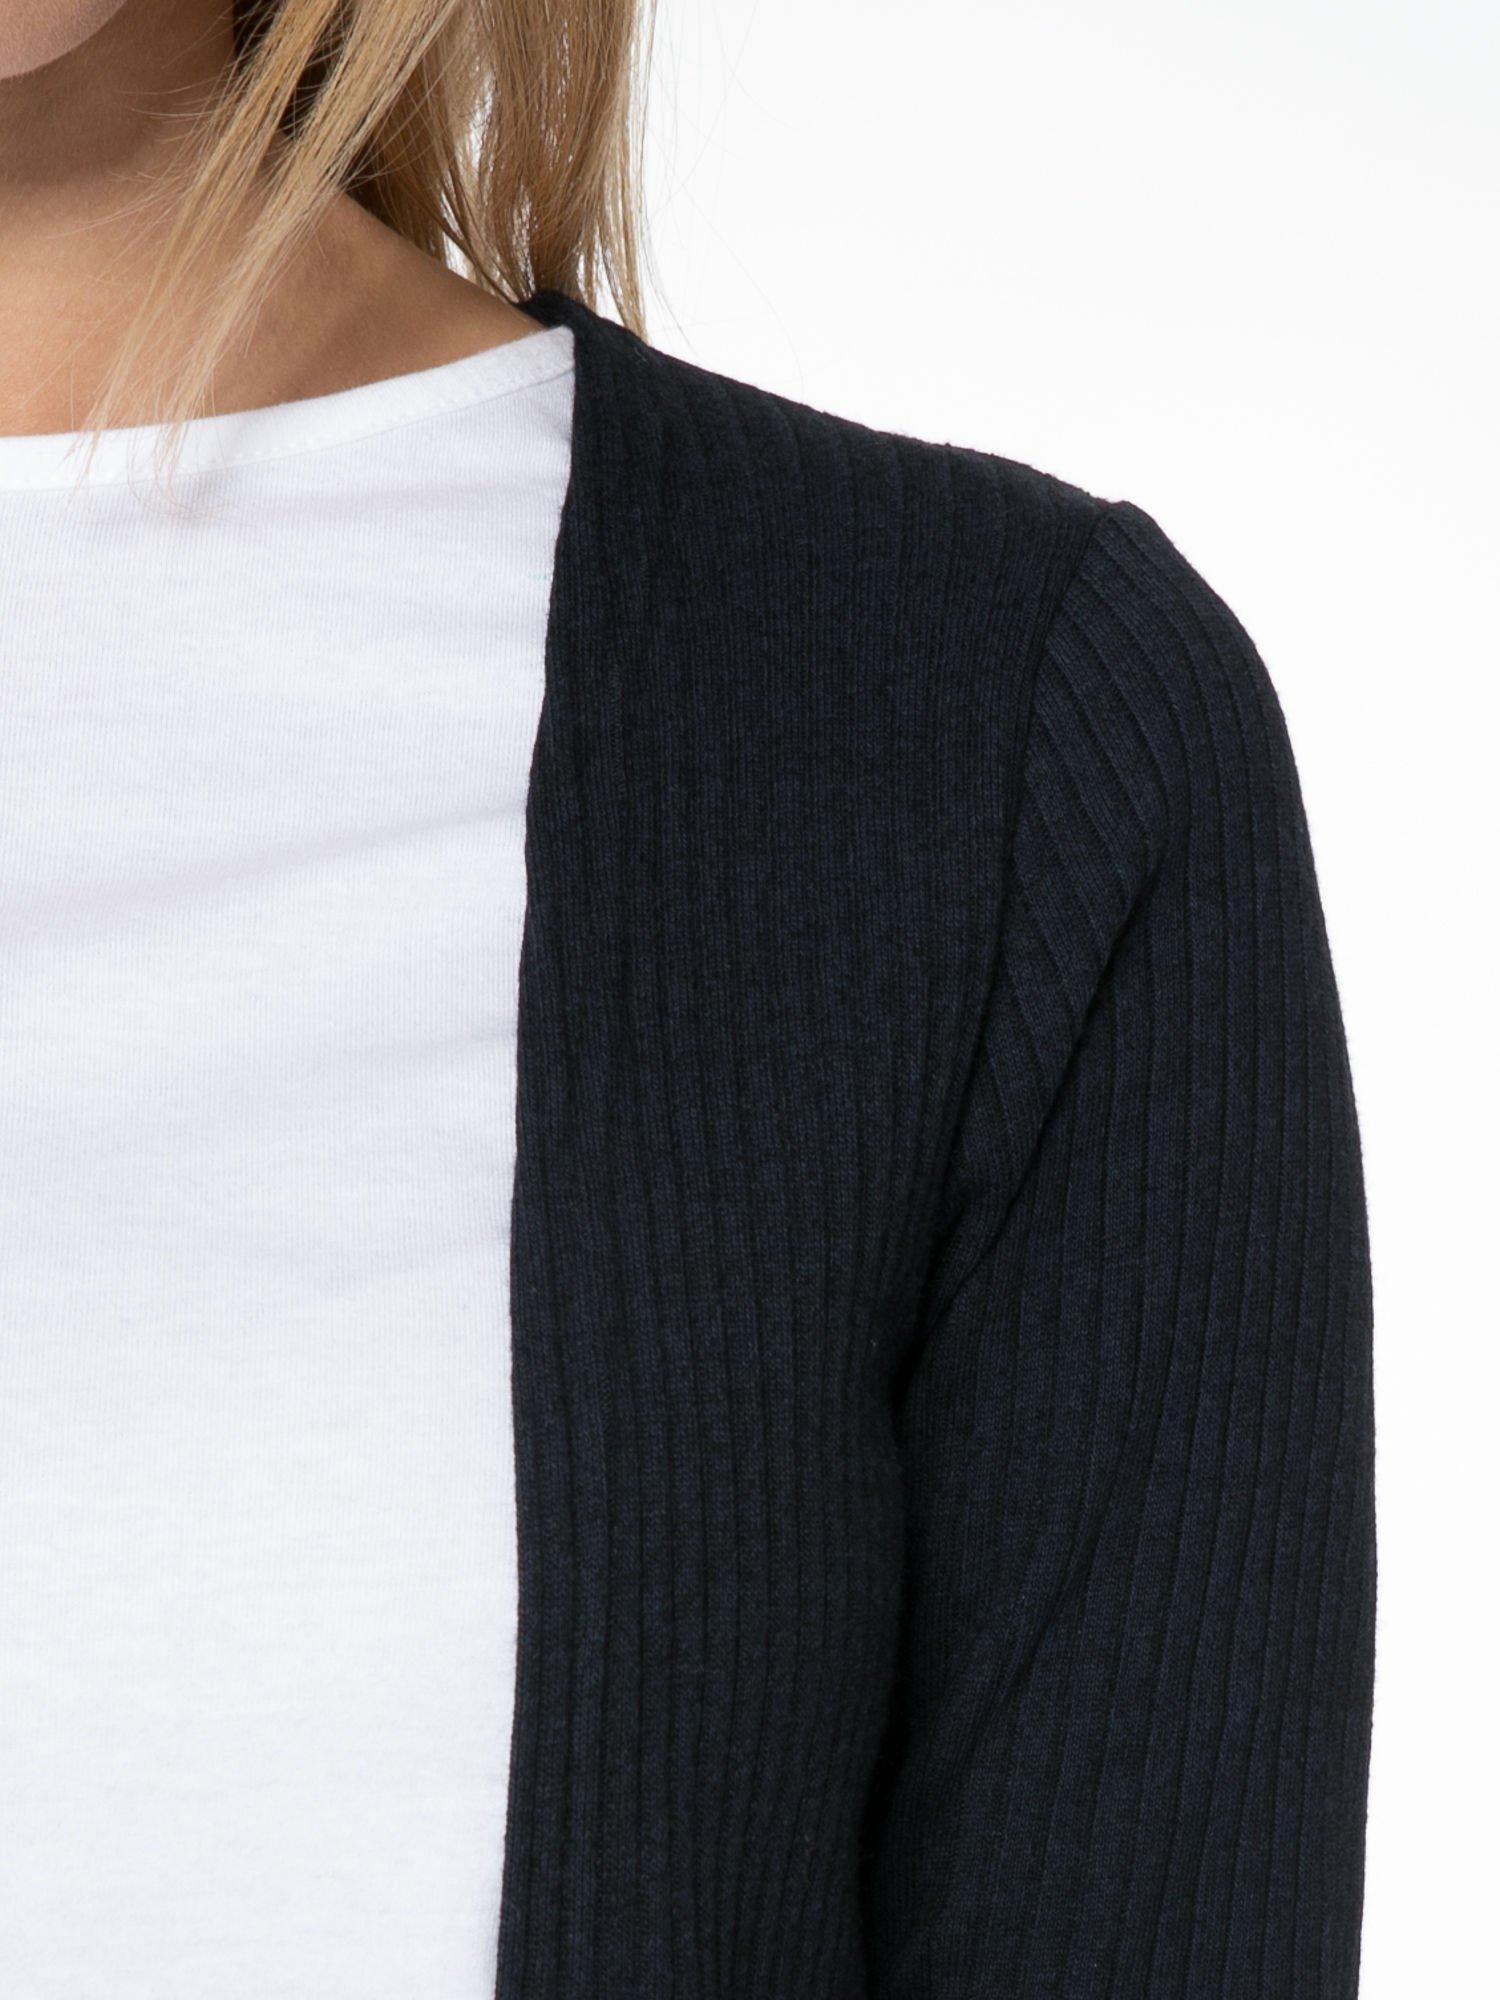 Granatowy długi prążkowany sweter kardigan                                  zdj.                                  5